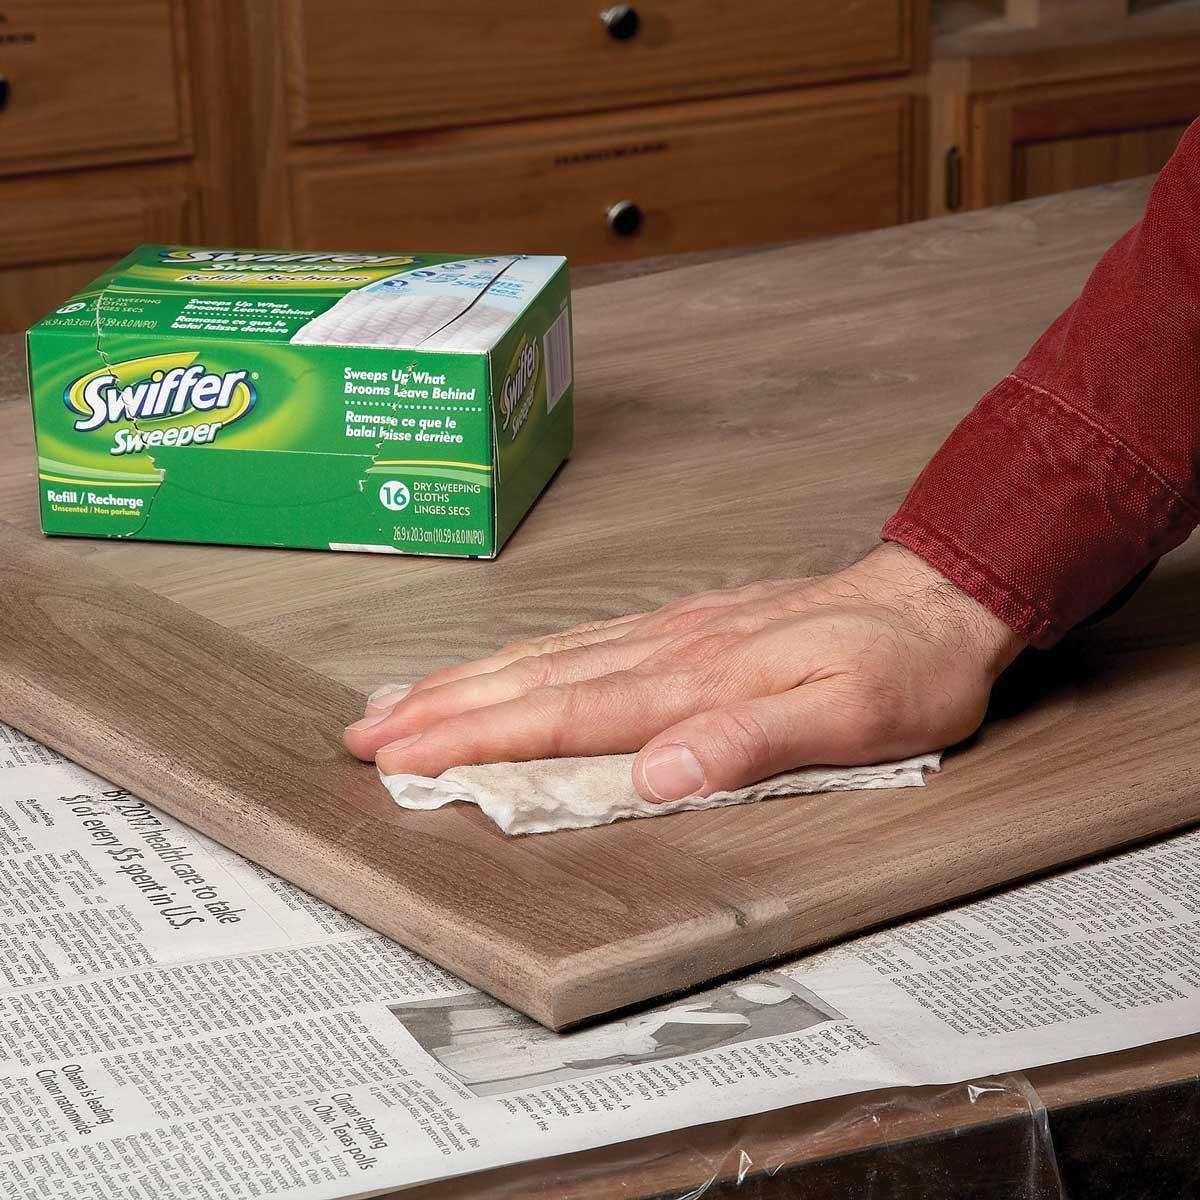 swiffer sheet